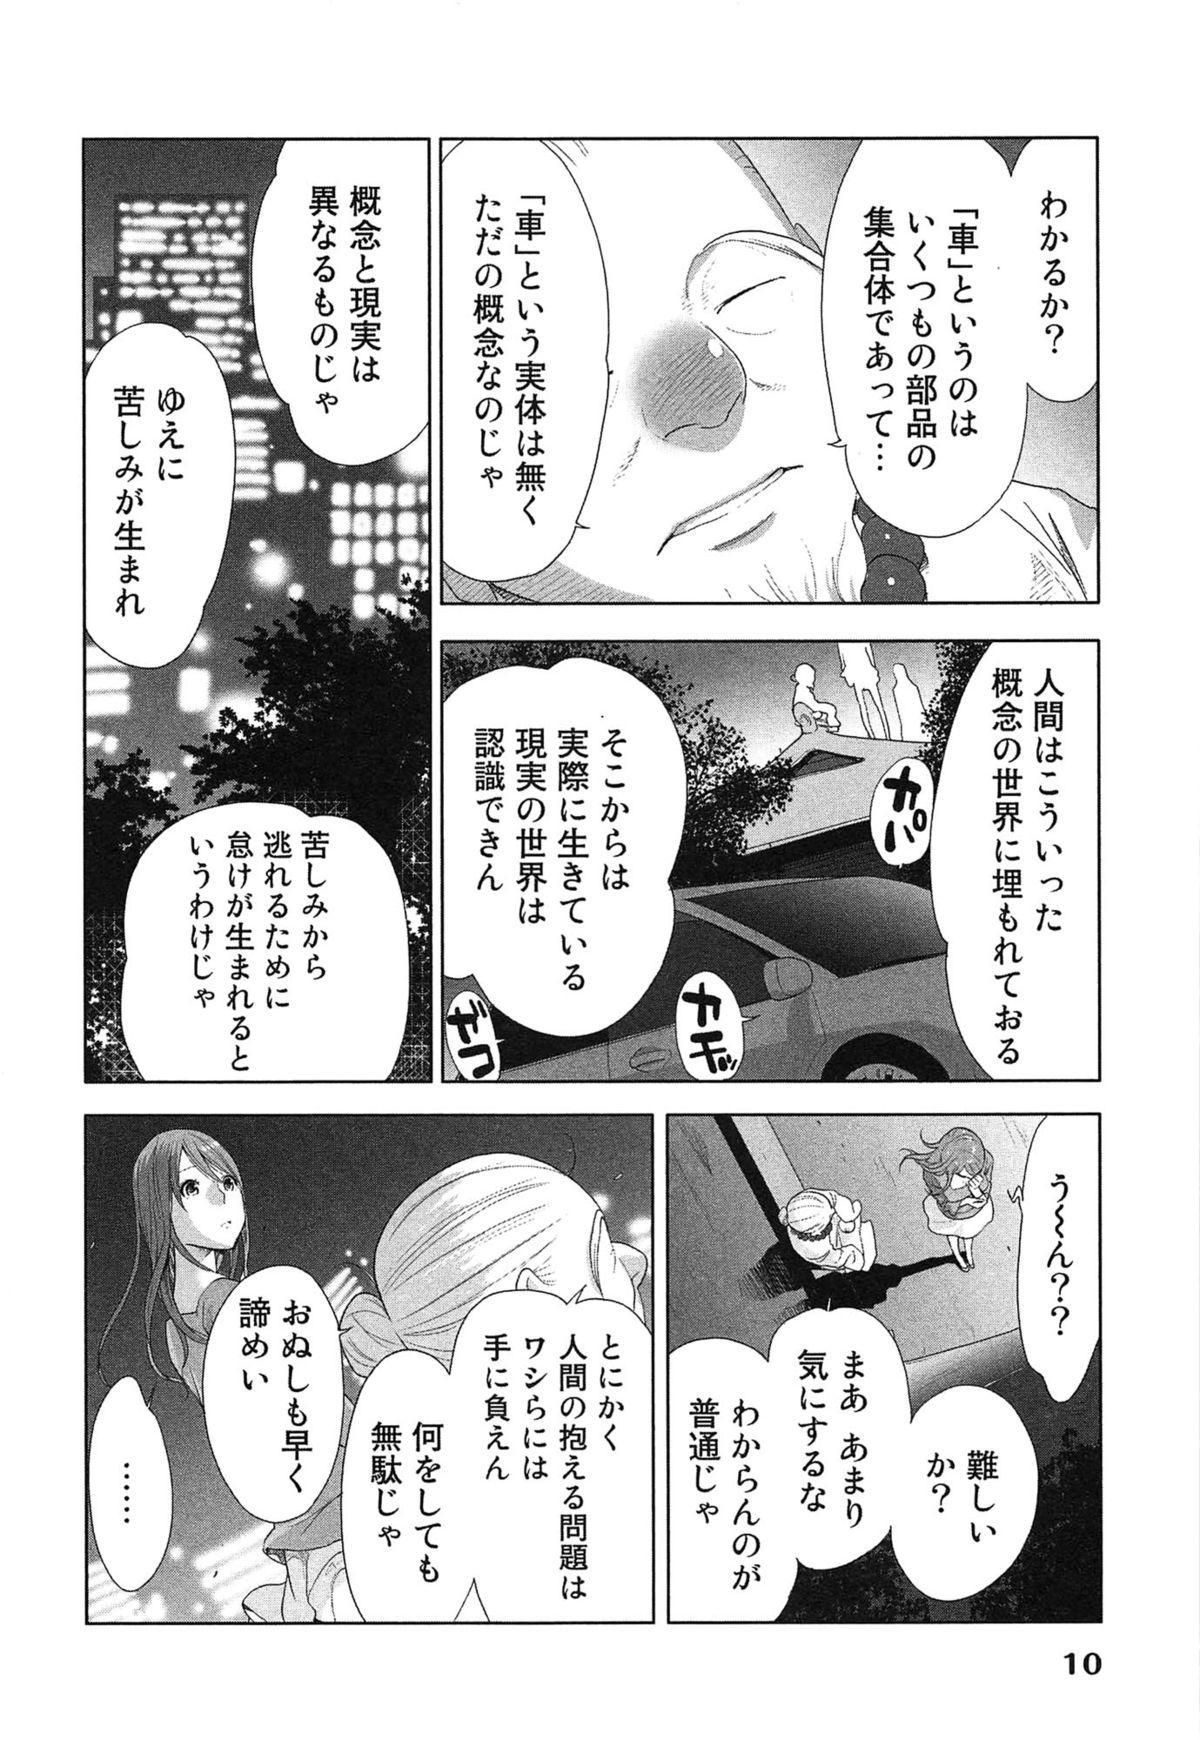 Megami to Ichinen Kura Shite Mita. 2 13